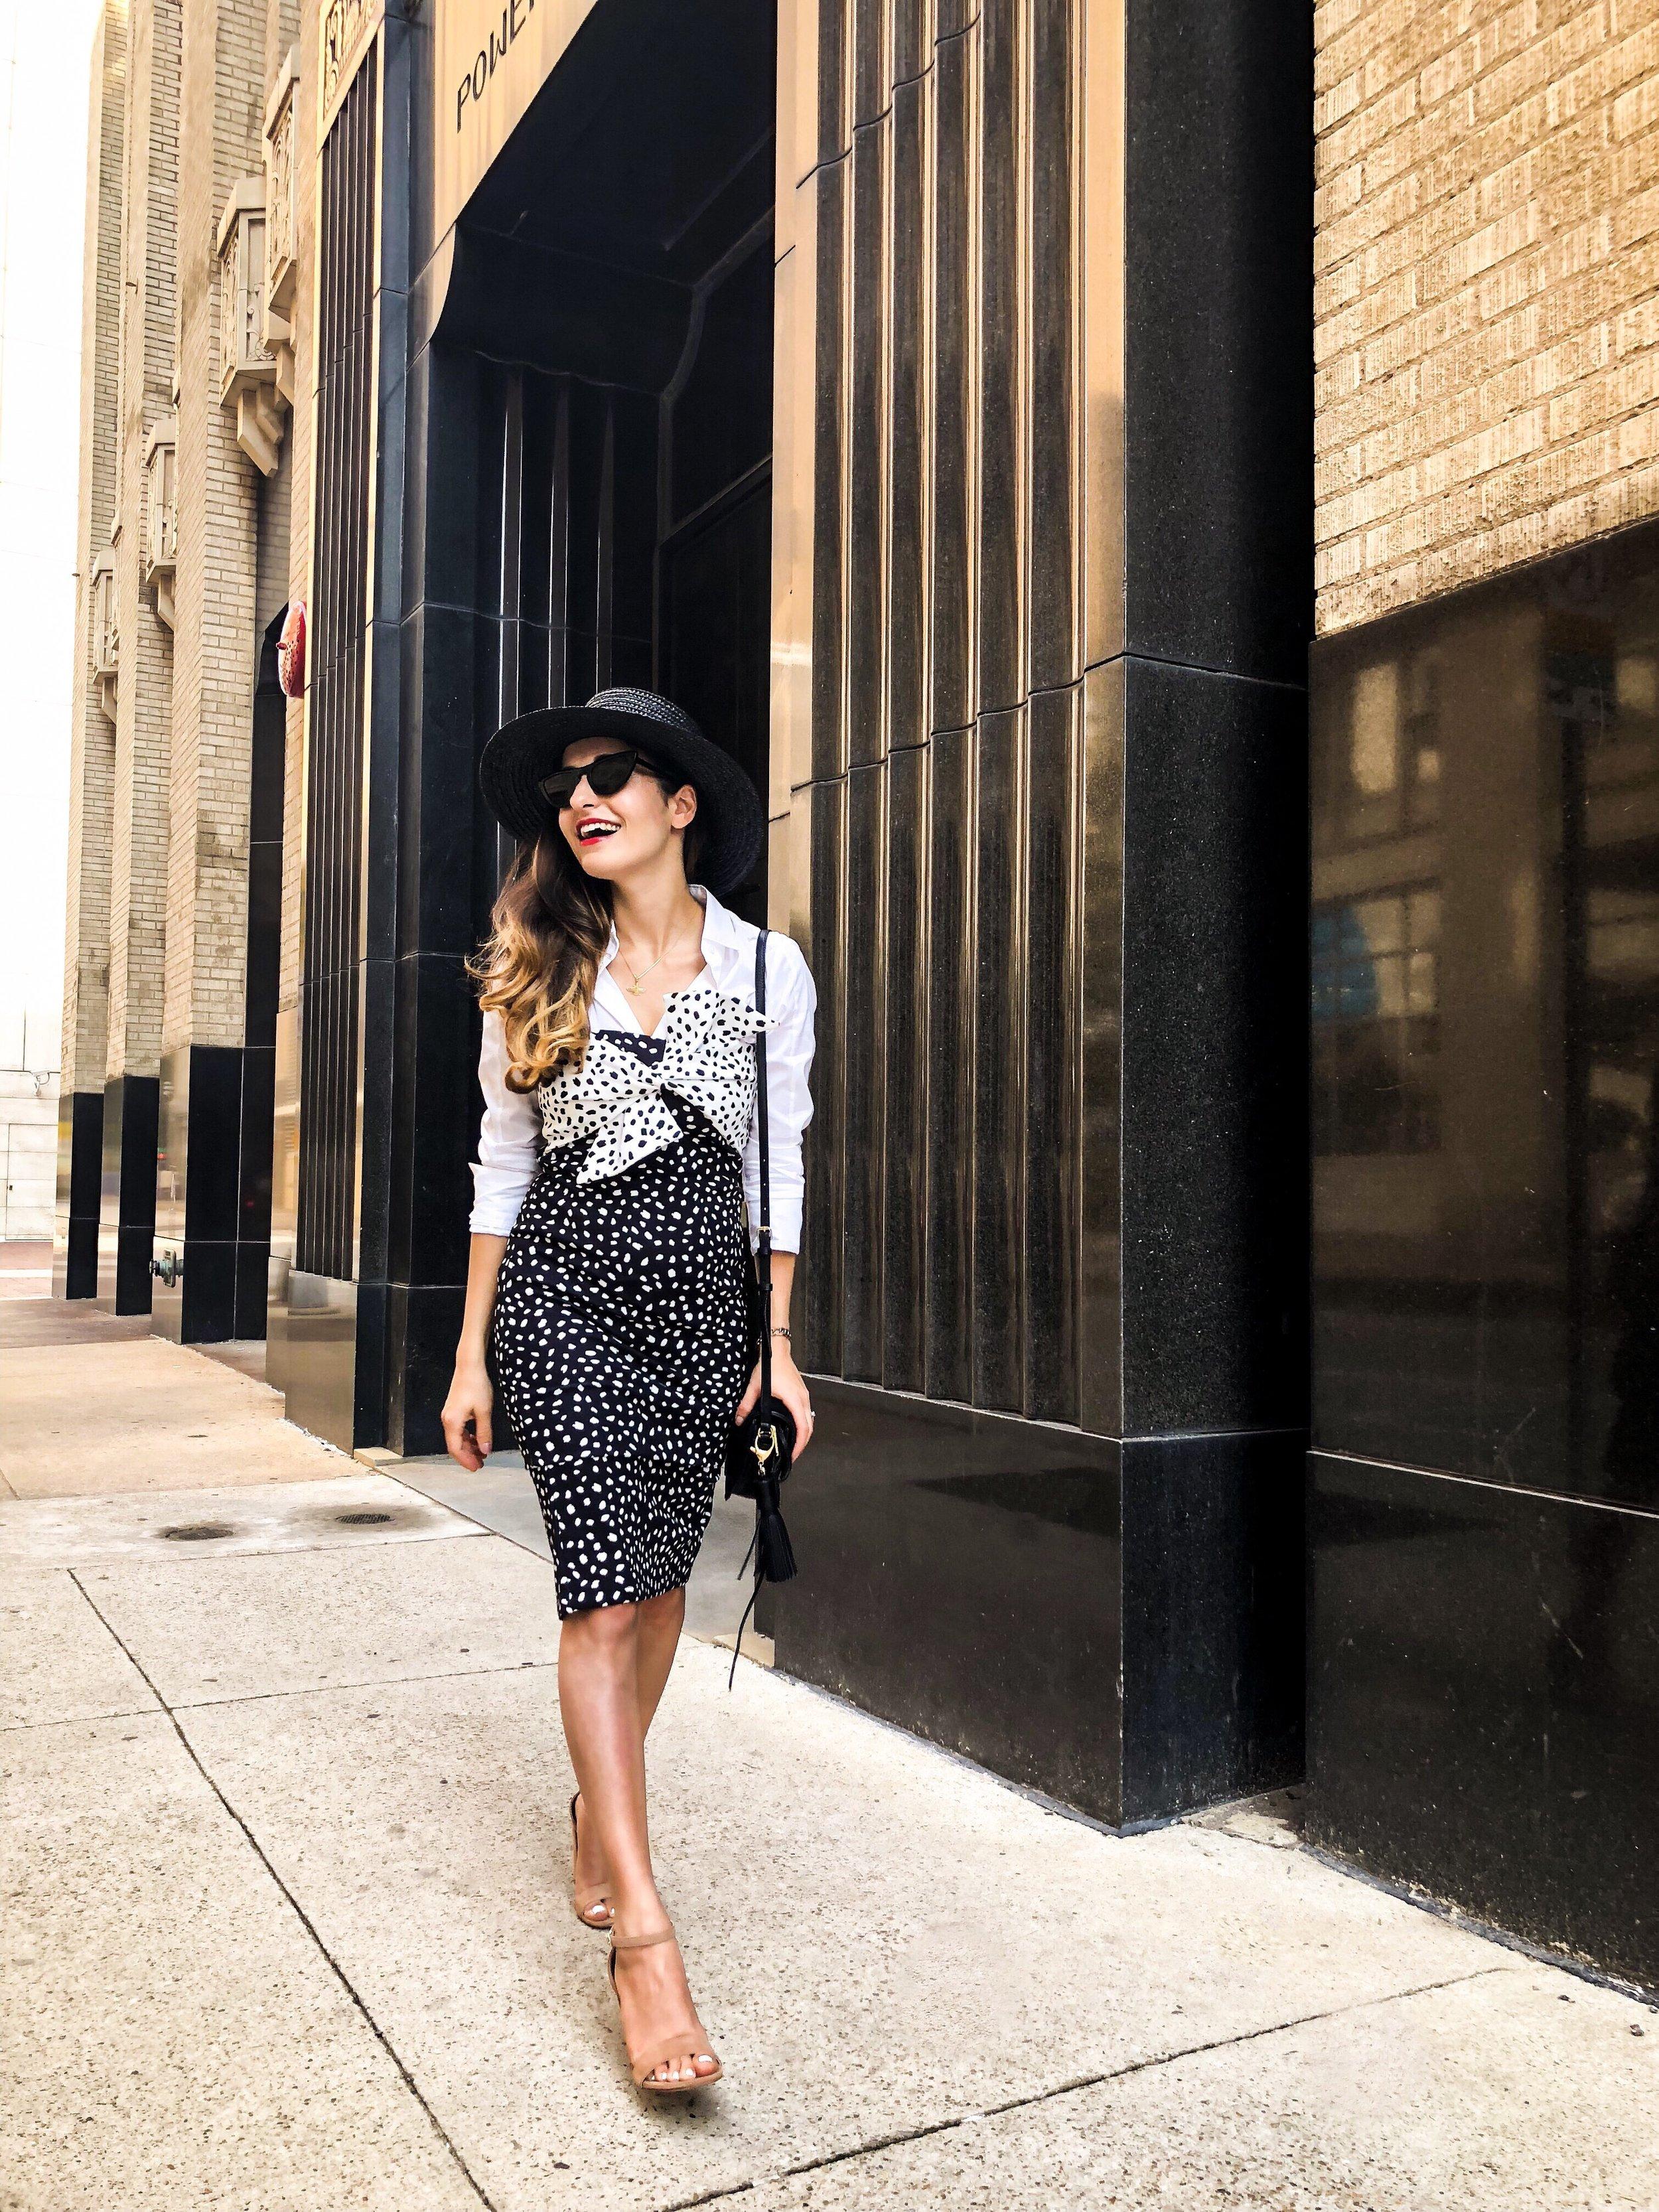 Shirin Askari - DesignerLipservice.com